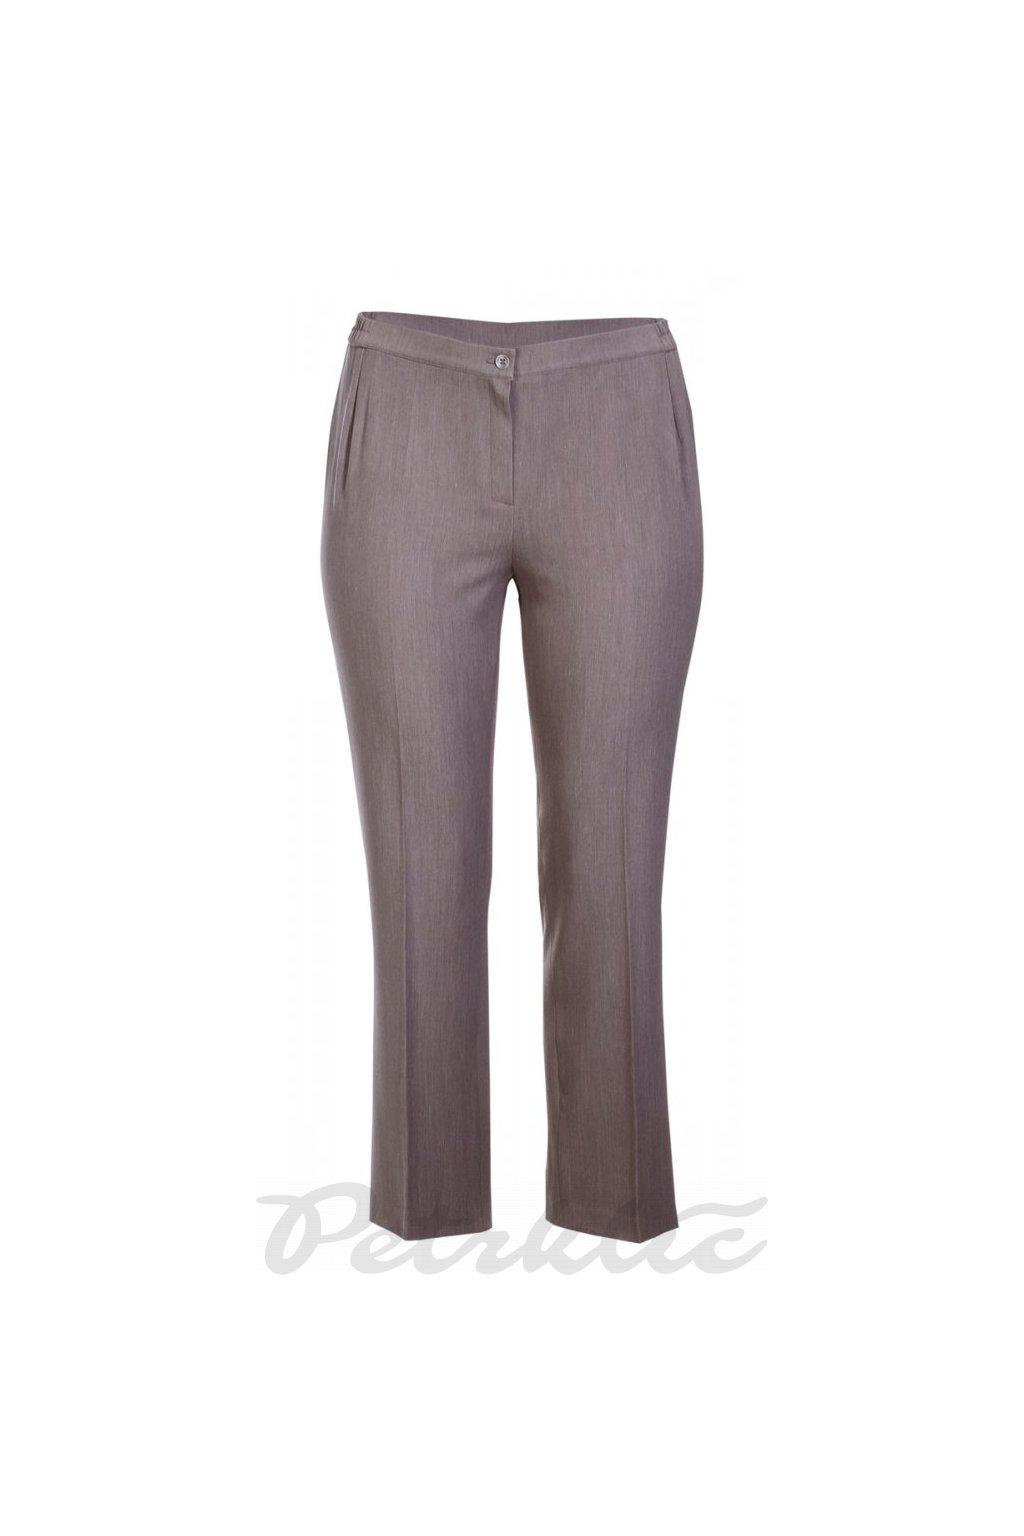 A2 - kalhoty vnitřní délka 70 cm